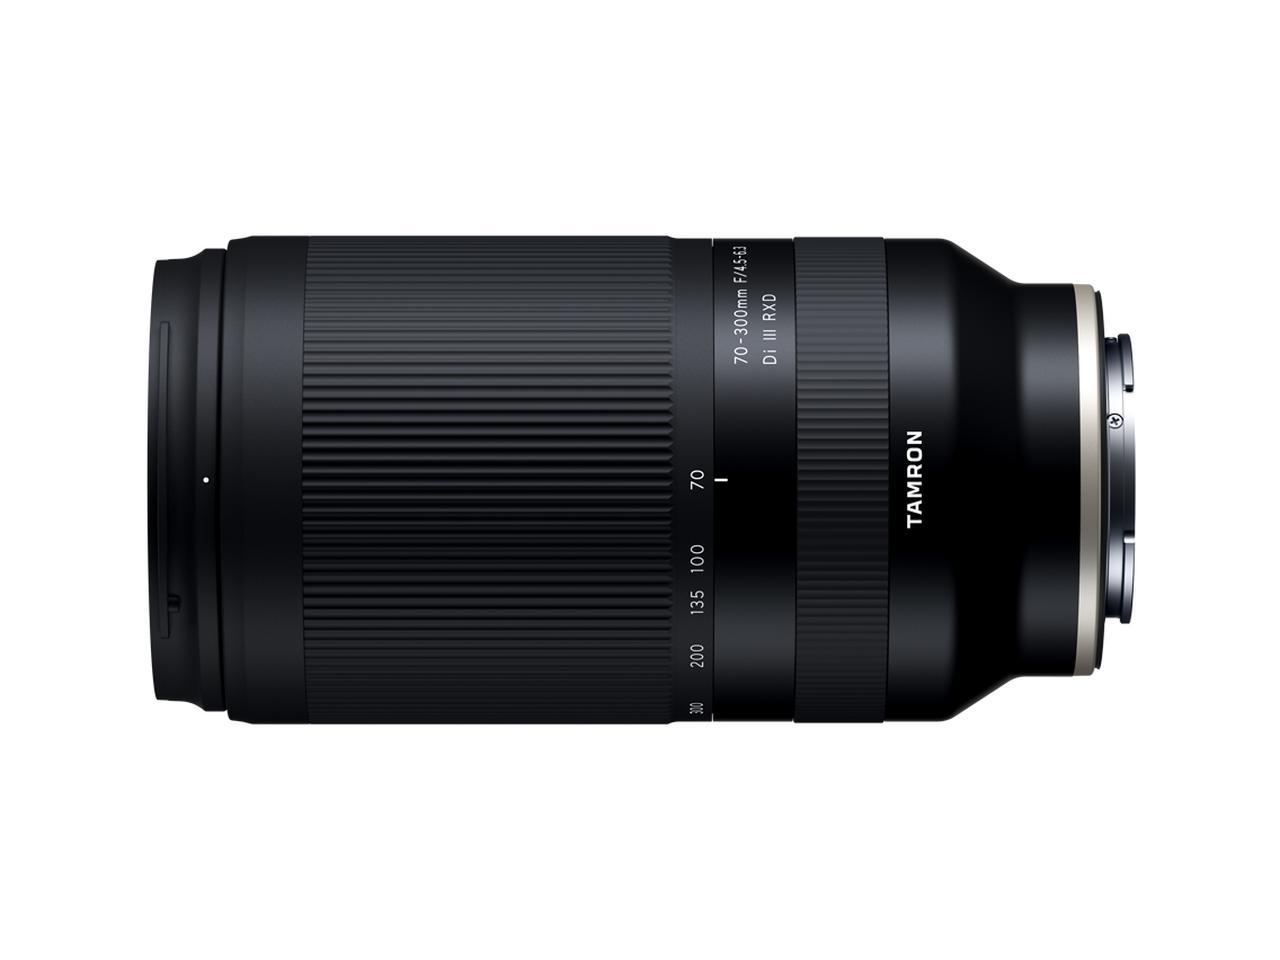 画像1: タムロンはソニーEマウント用望遠ズームレンズ 「70-300mm F/4.5-6.3 Di III RXD (Model A047)」を 2020年10月29日(木)に発売。希望小売価格は税別7万円。